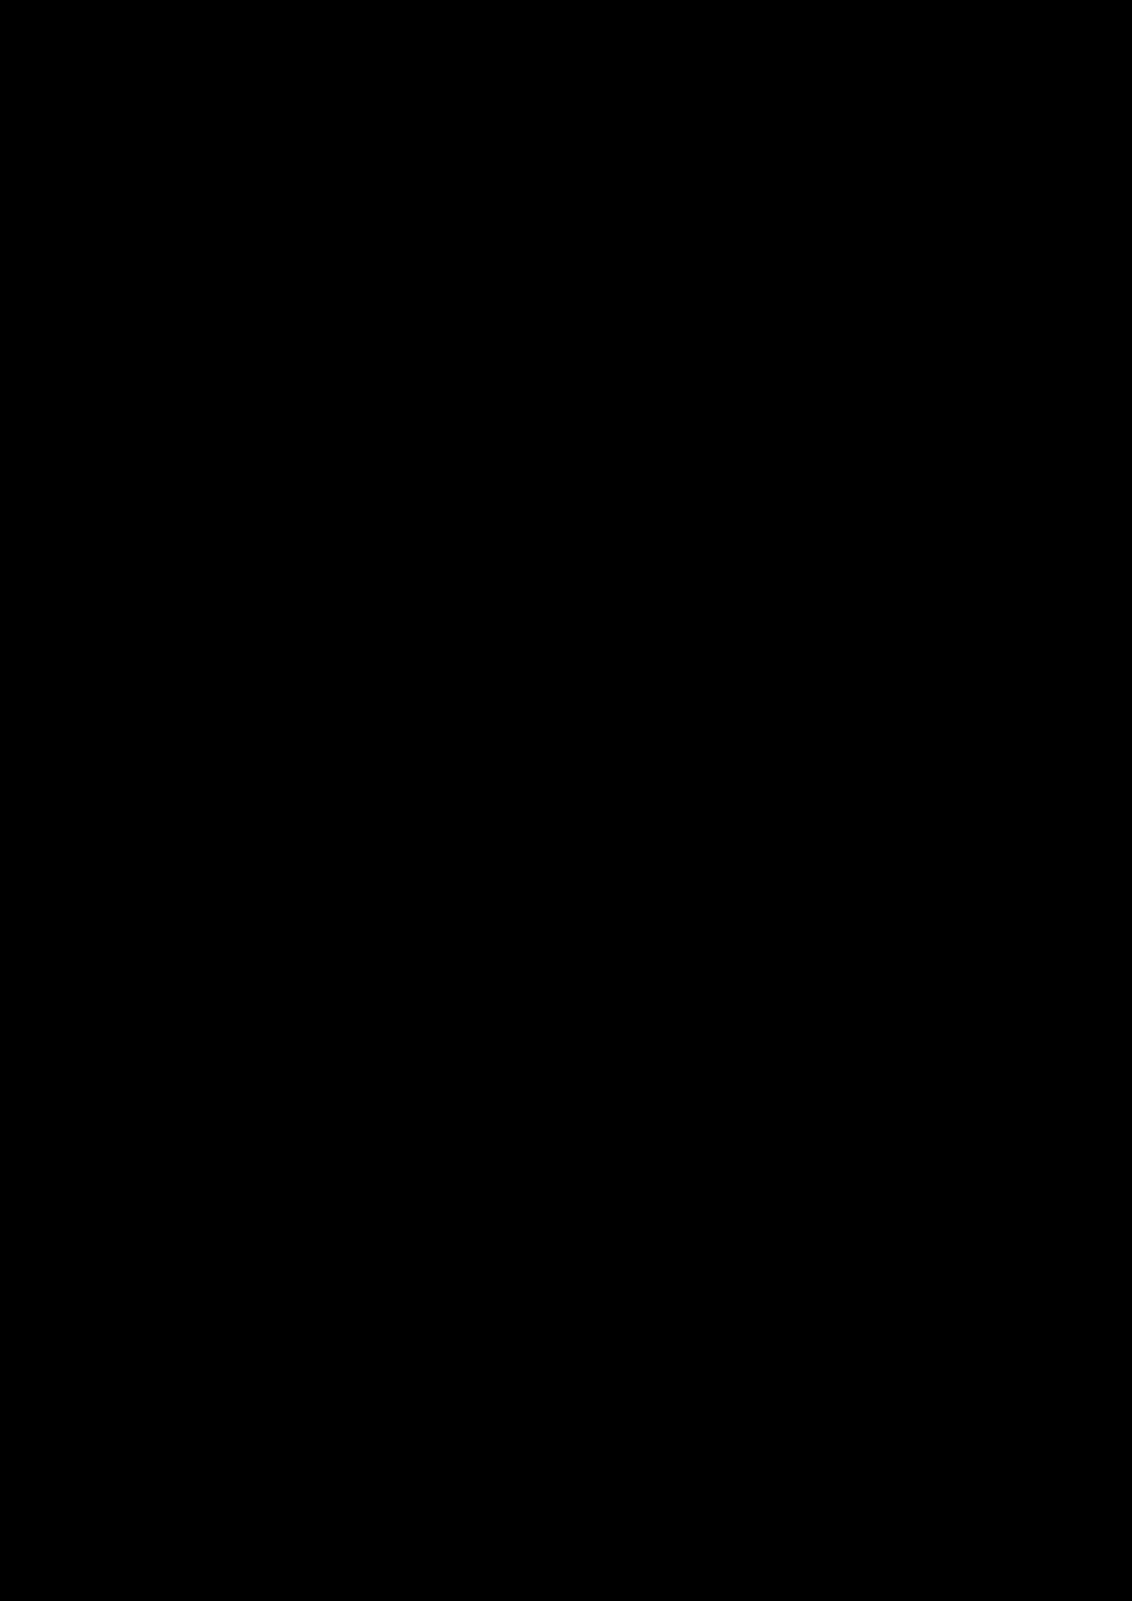 Lambada slide, Image 5